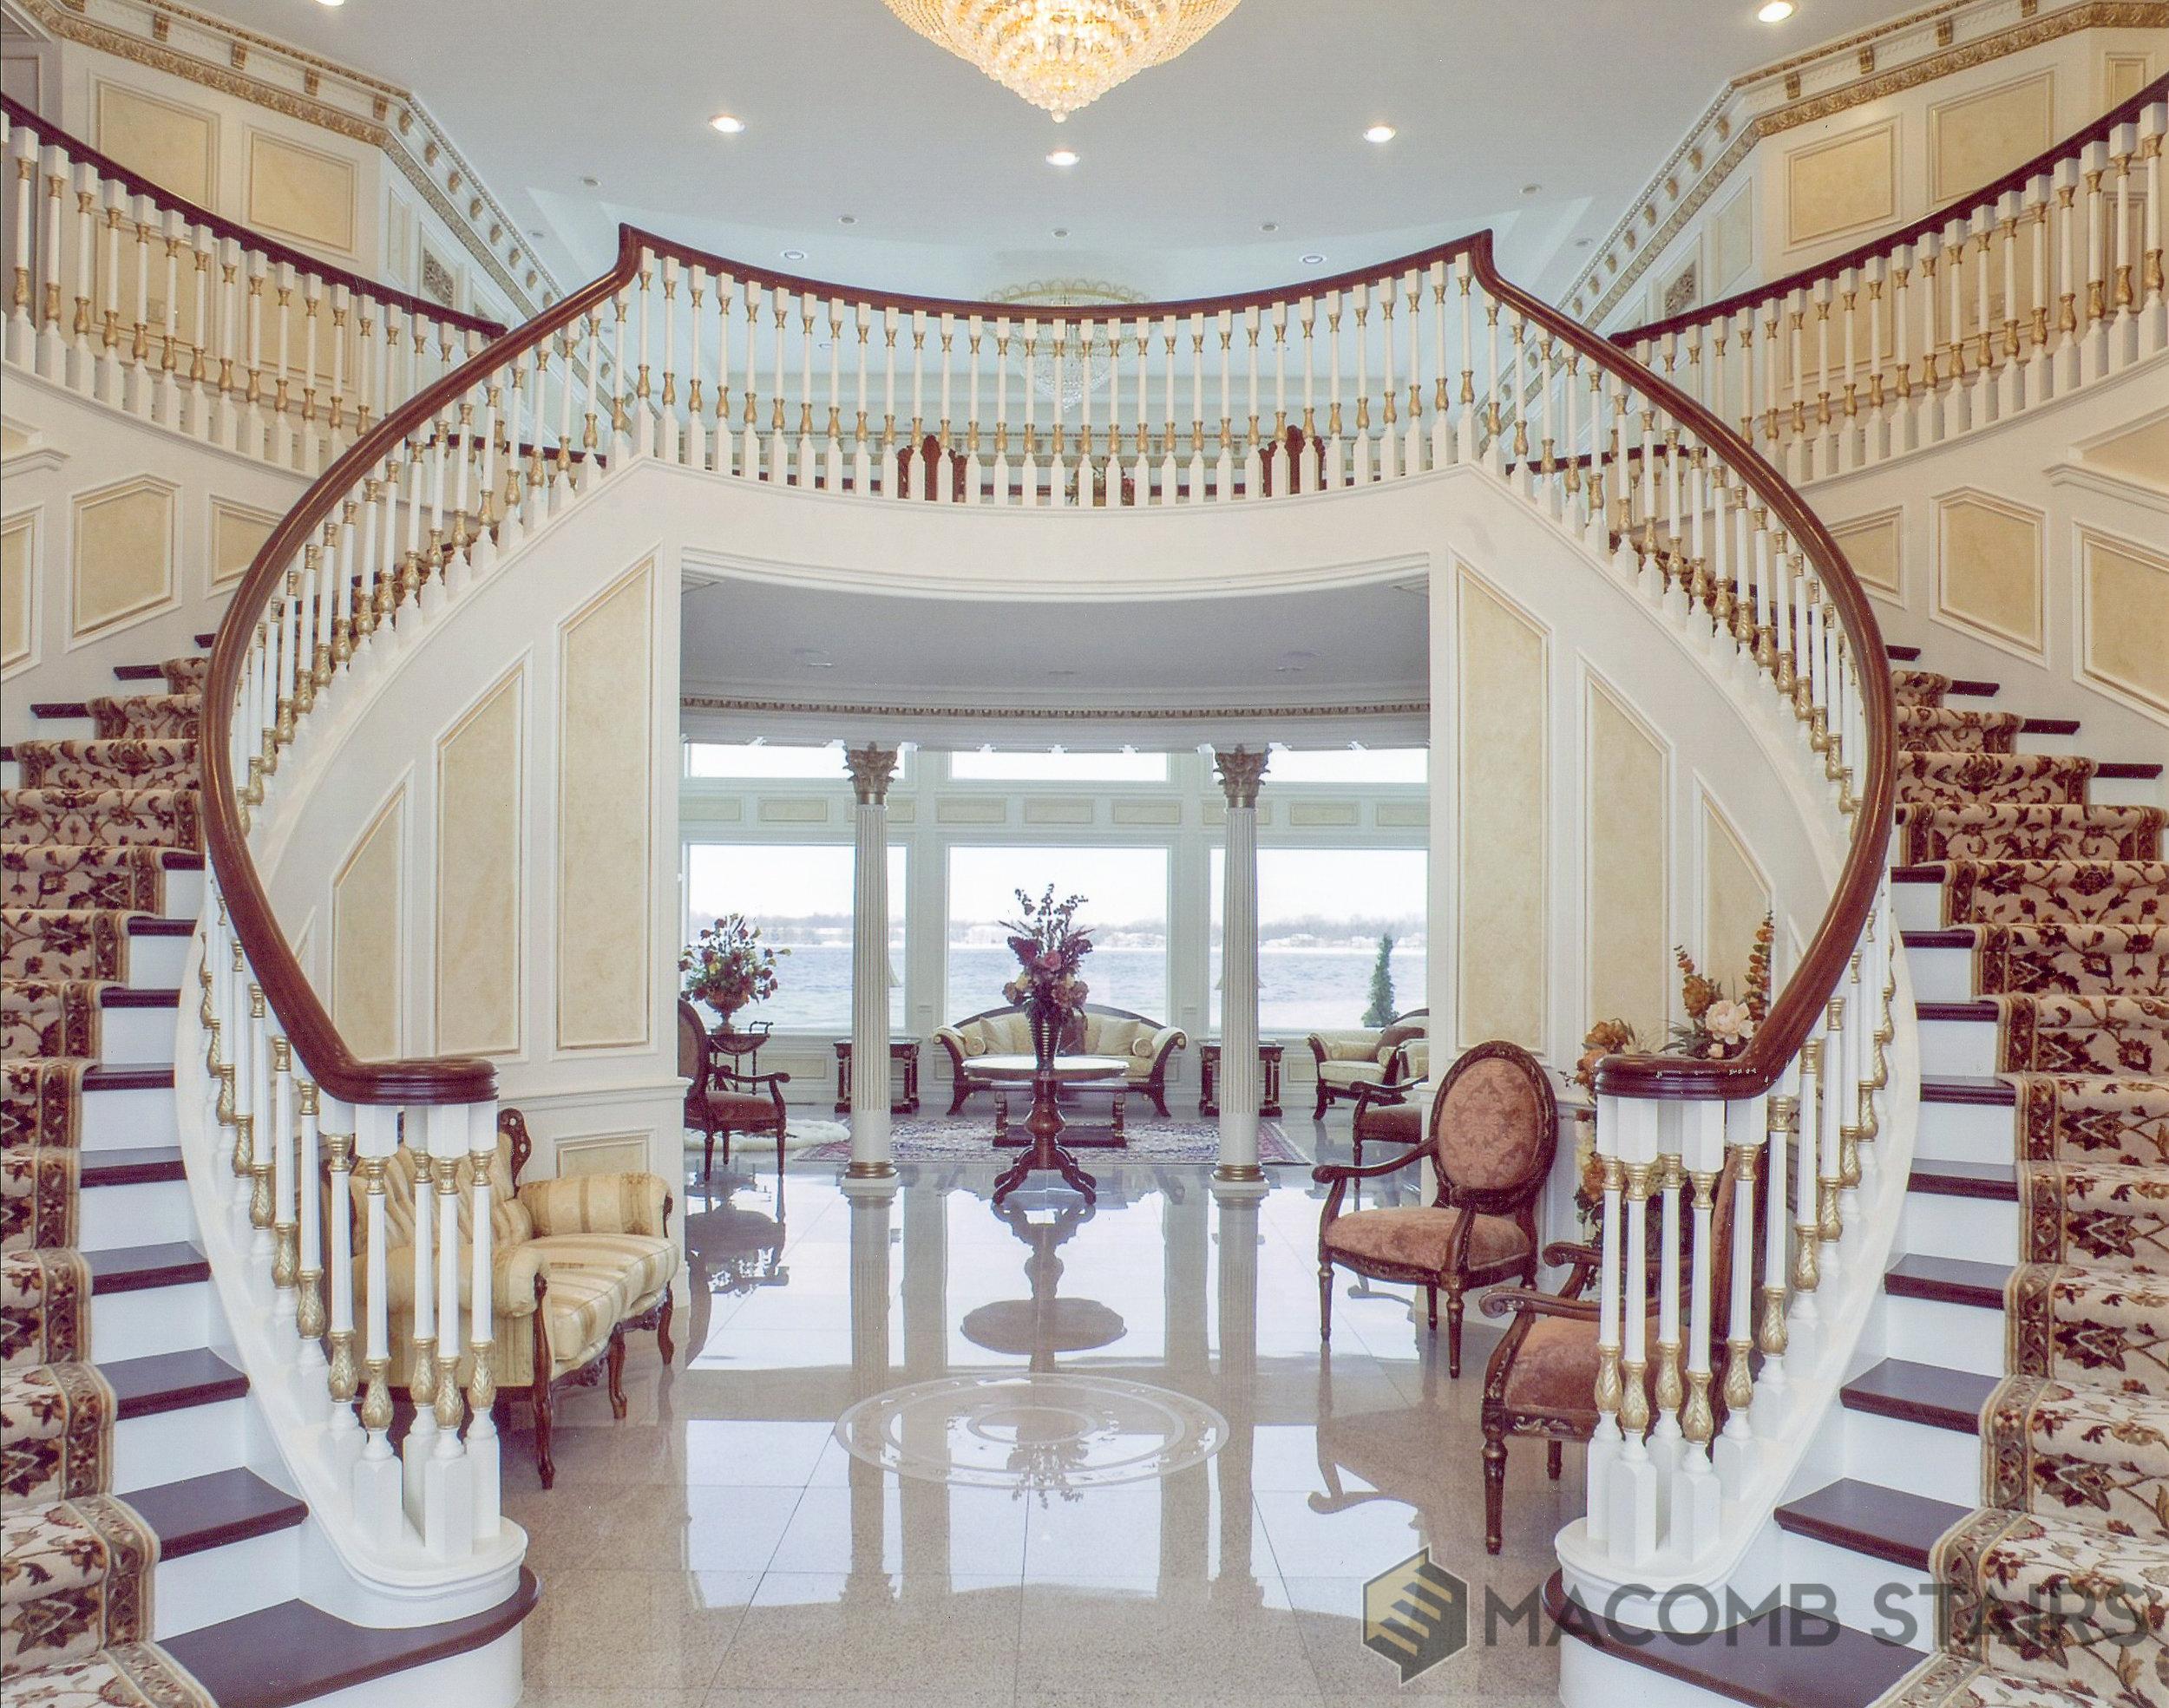 Macomb Stairs- Stair Photo-243.jpg